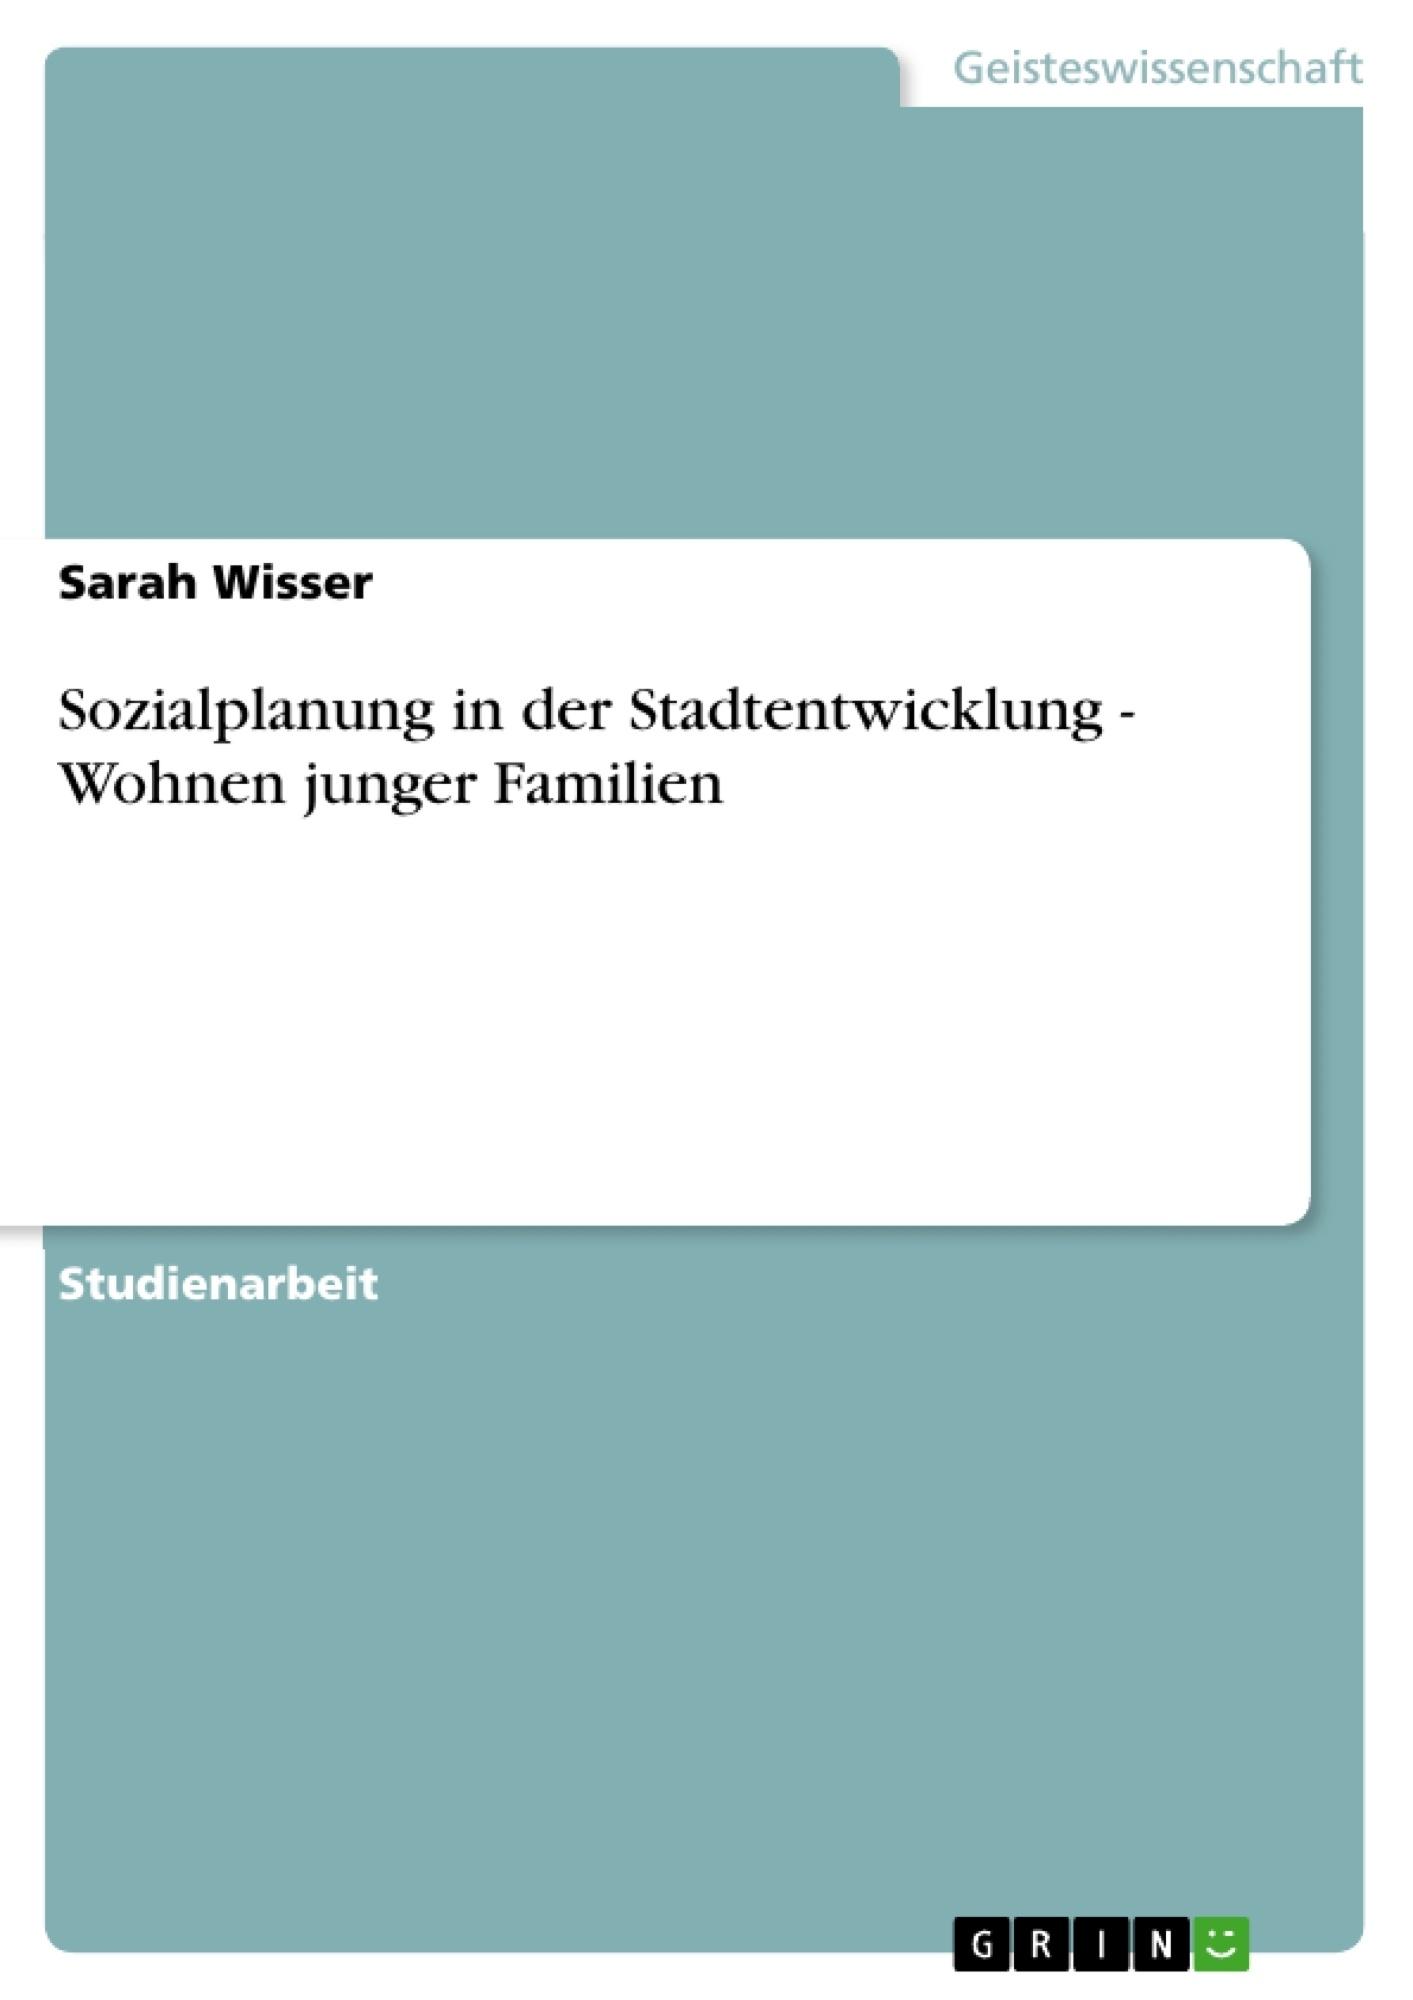 Titel: Sozialplanung in der Stadtentwicklung - Wohnen junger Familien